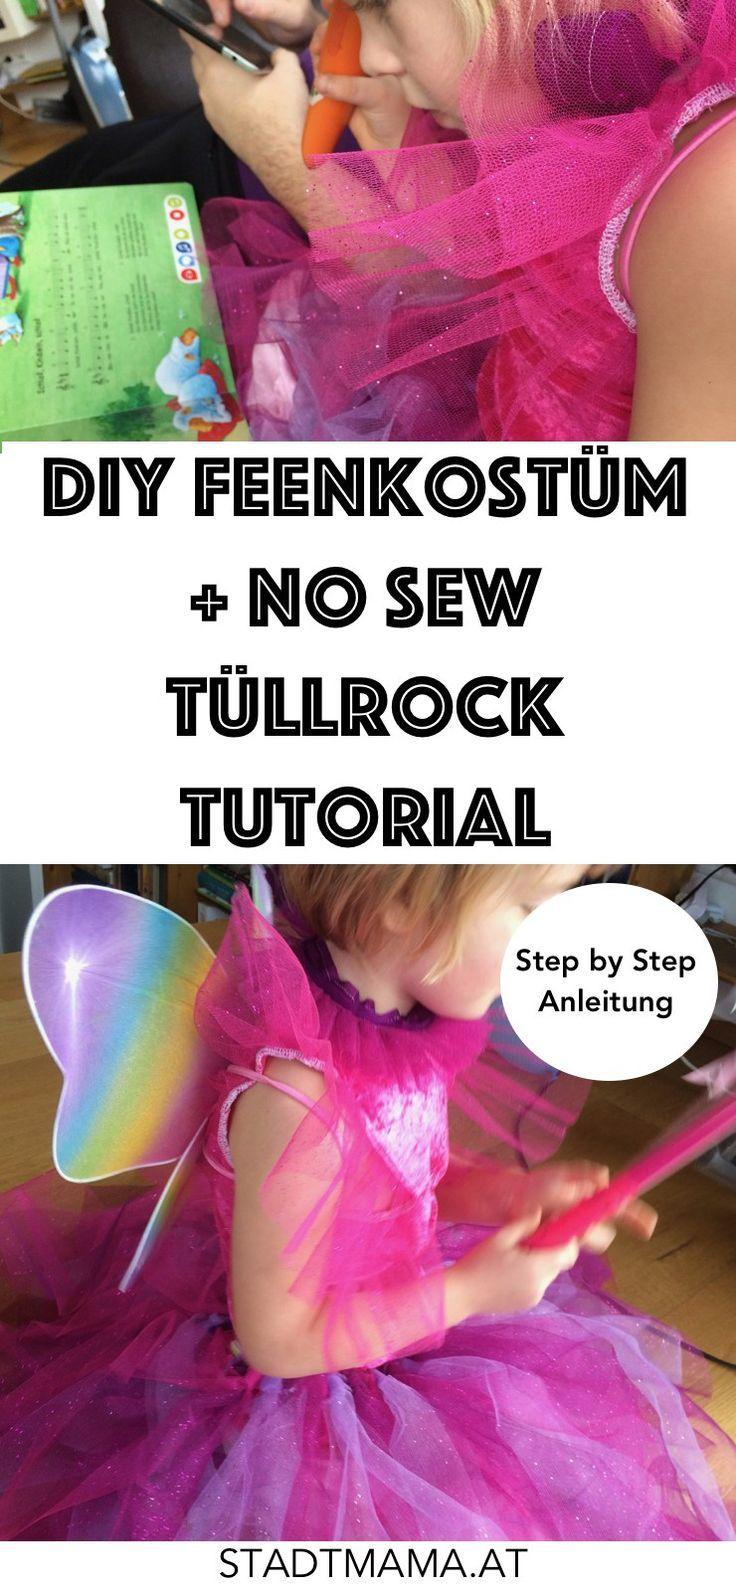 DIY Feenkostüm für Faching, Carneval und Halloween inklusive Tutorial. Tüllrock ohne Nähen: No Sew Rock aus Tüll für kleine Prinzessinnen.